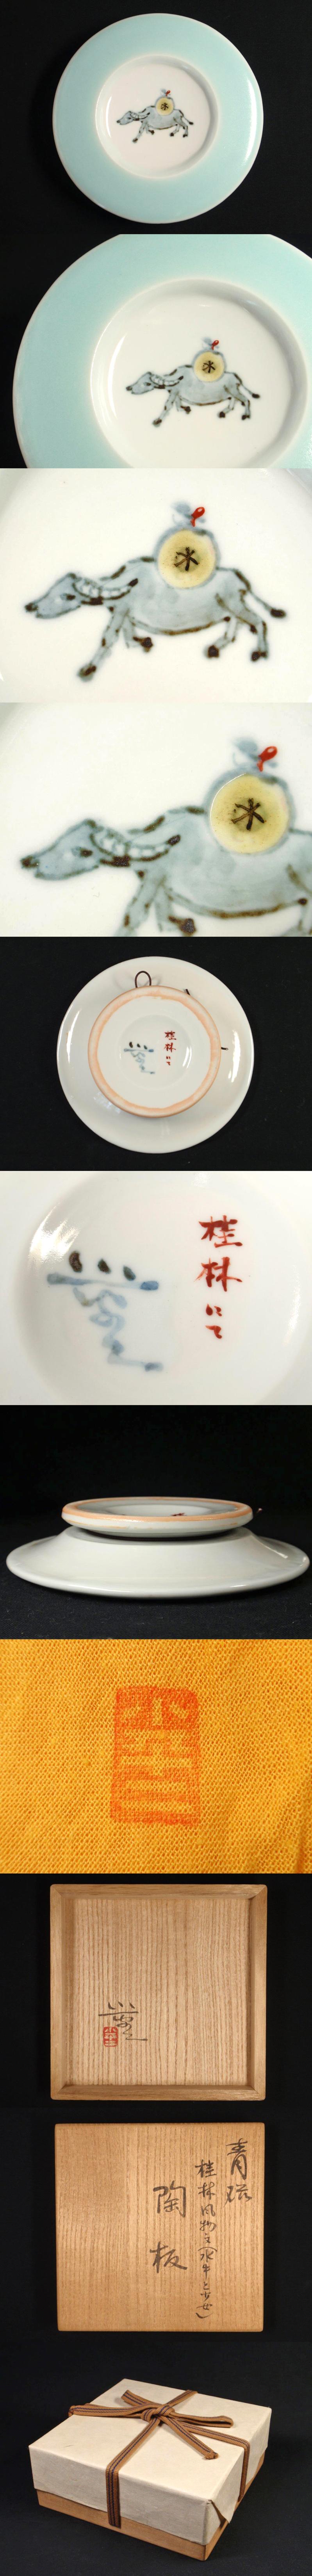 三浦小平二の豆彩陶板(水牛と少女)の詳細写真